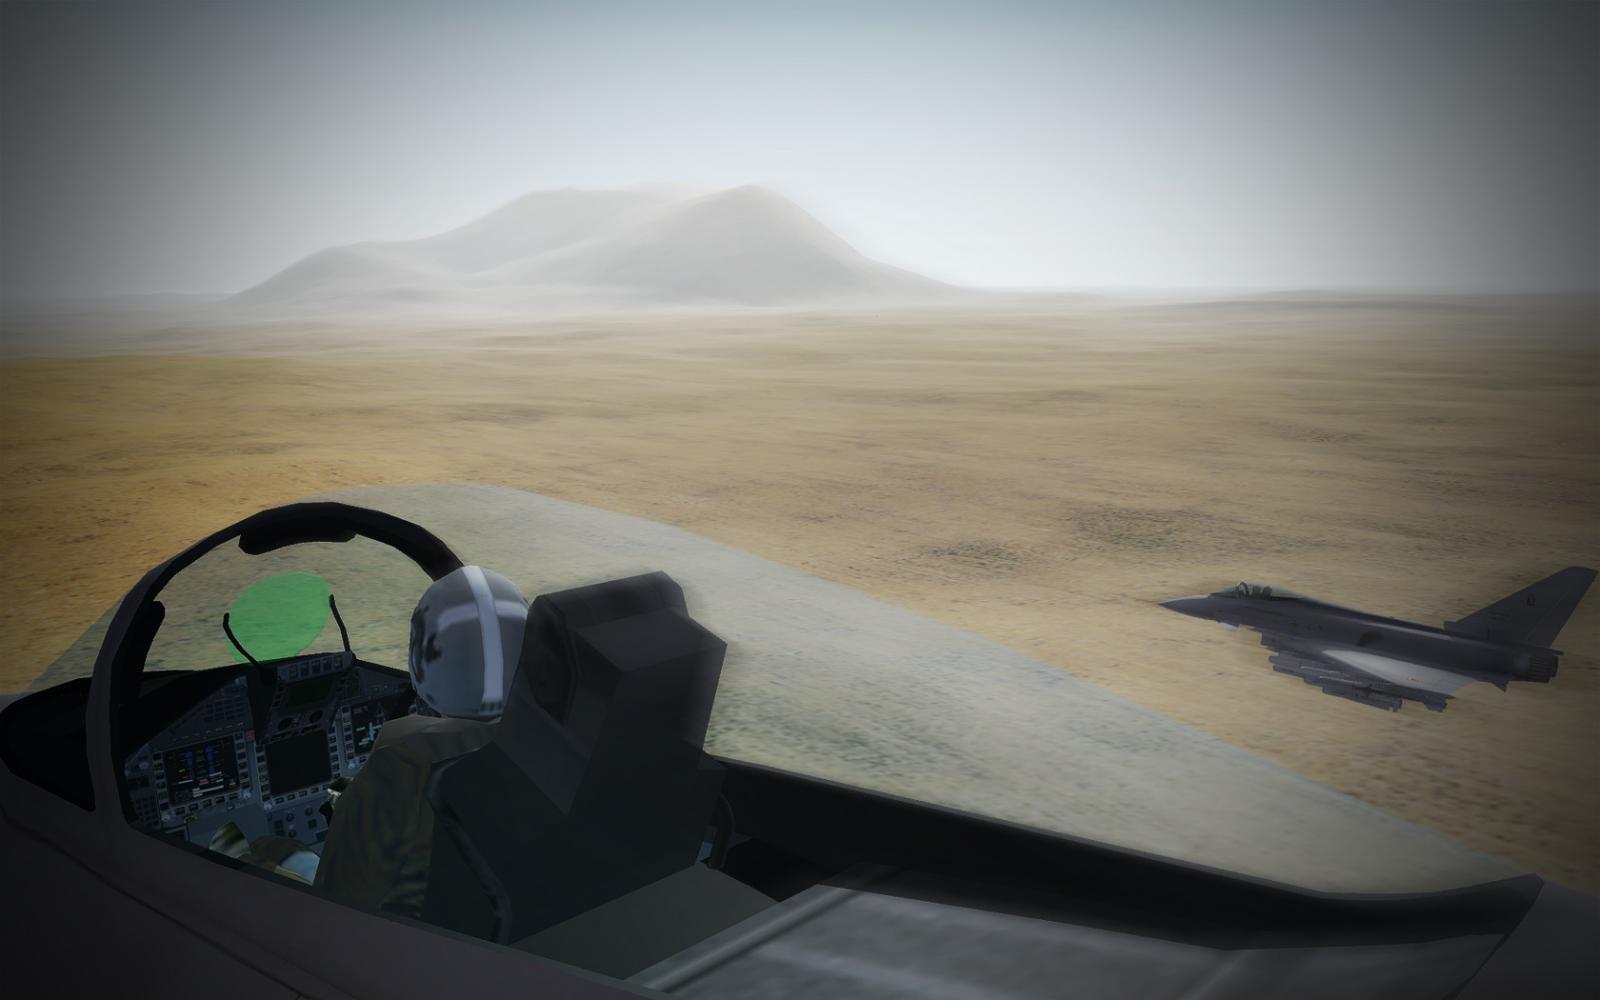 Typhoons over the desert